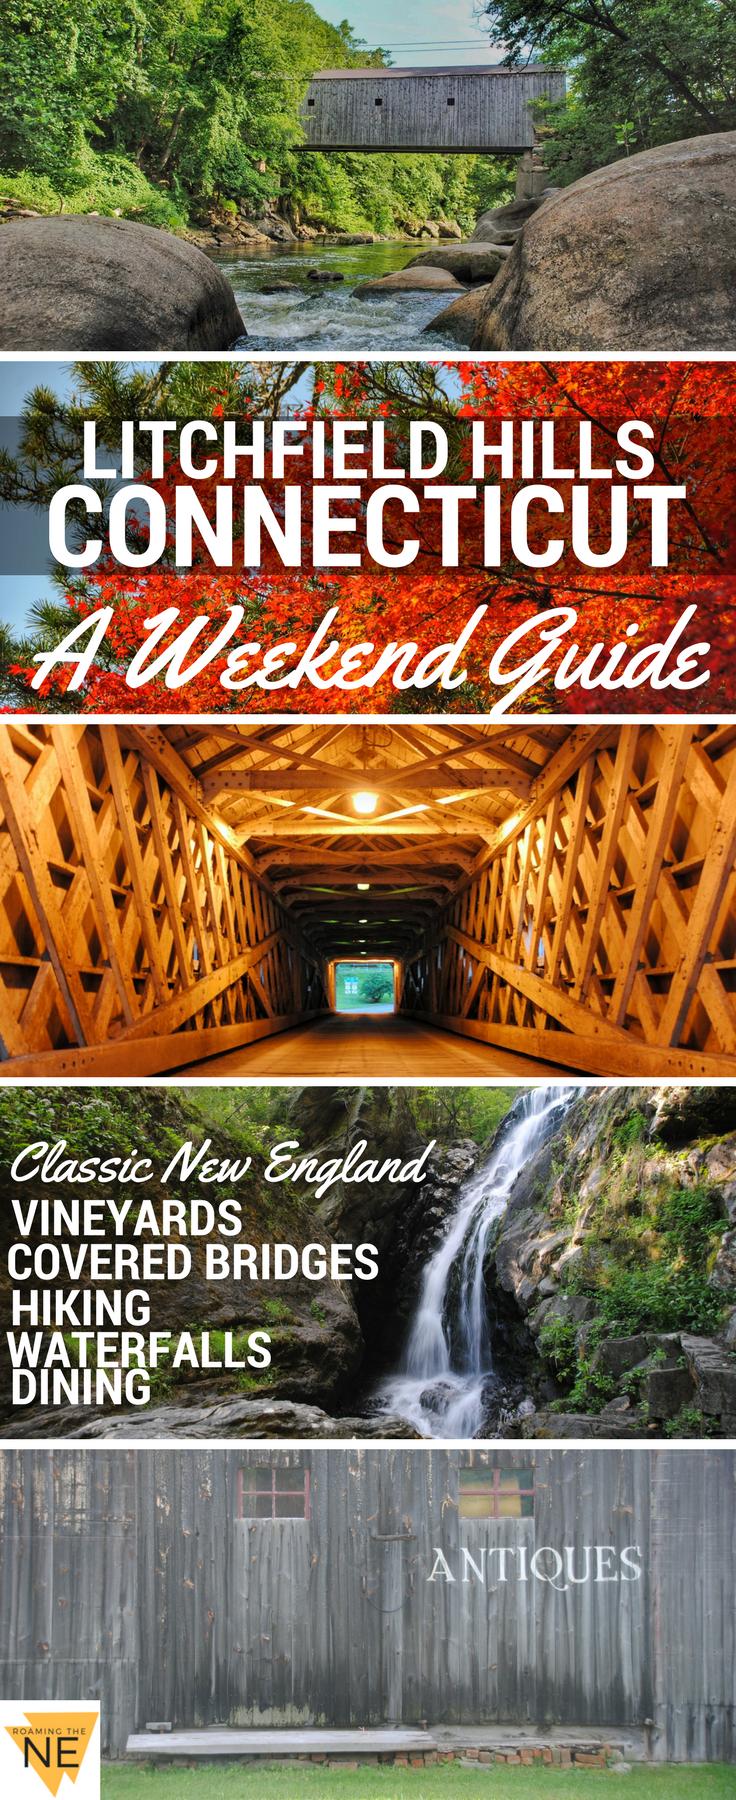 Weekend Guide Litchfield Hills.png